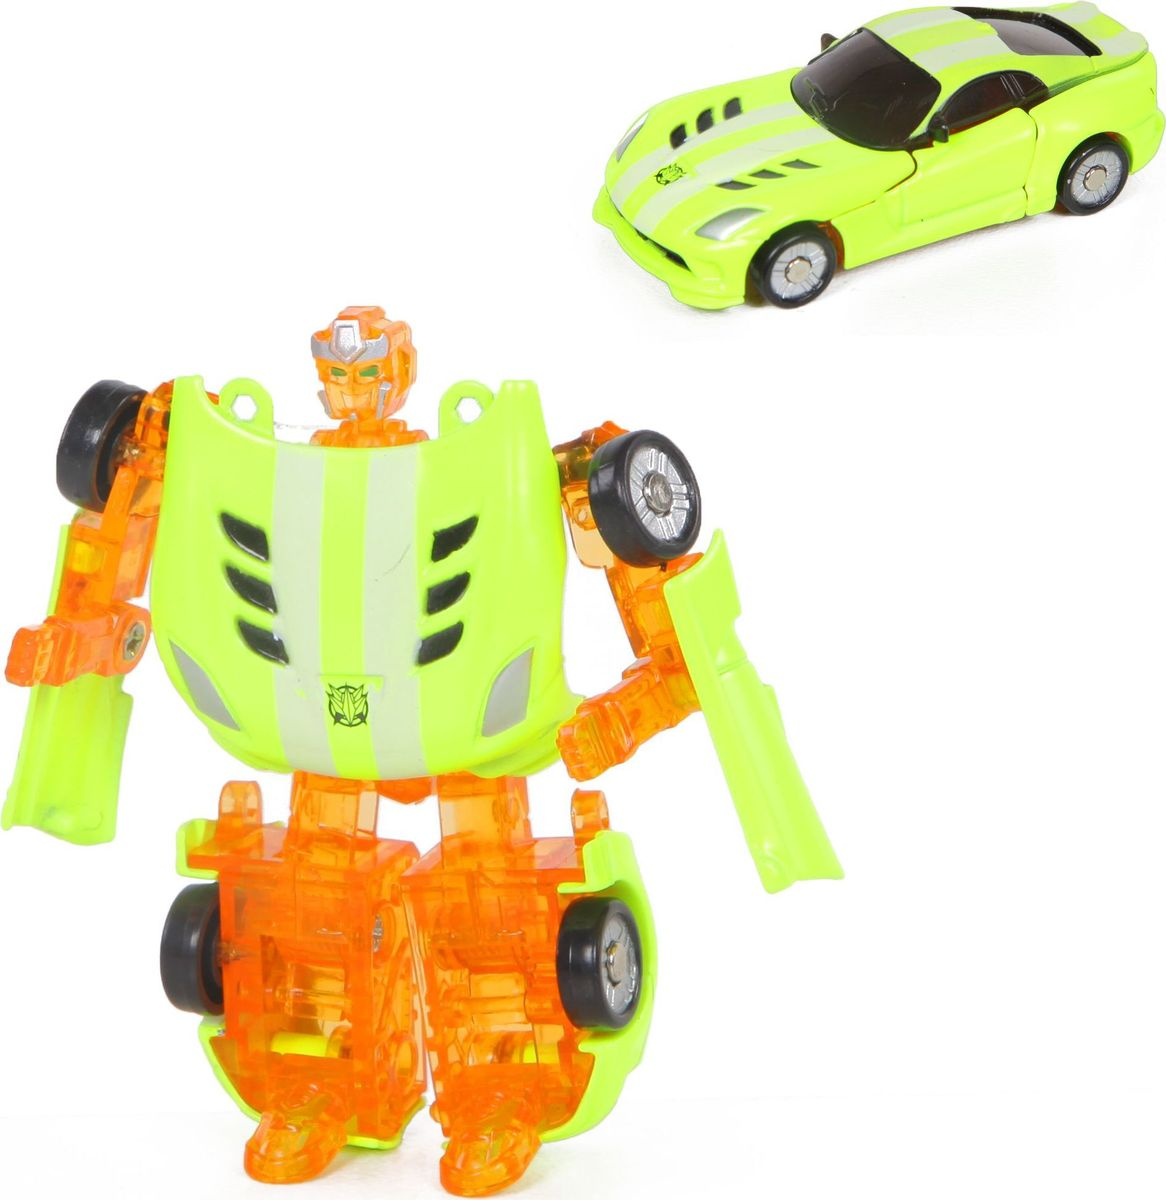 Yako Робот-трансформер цвет салатовый оранжевый Y3686095-2 кукла yako m6579 6